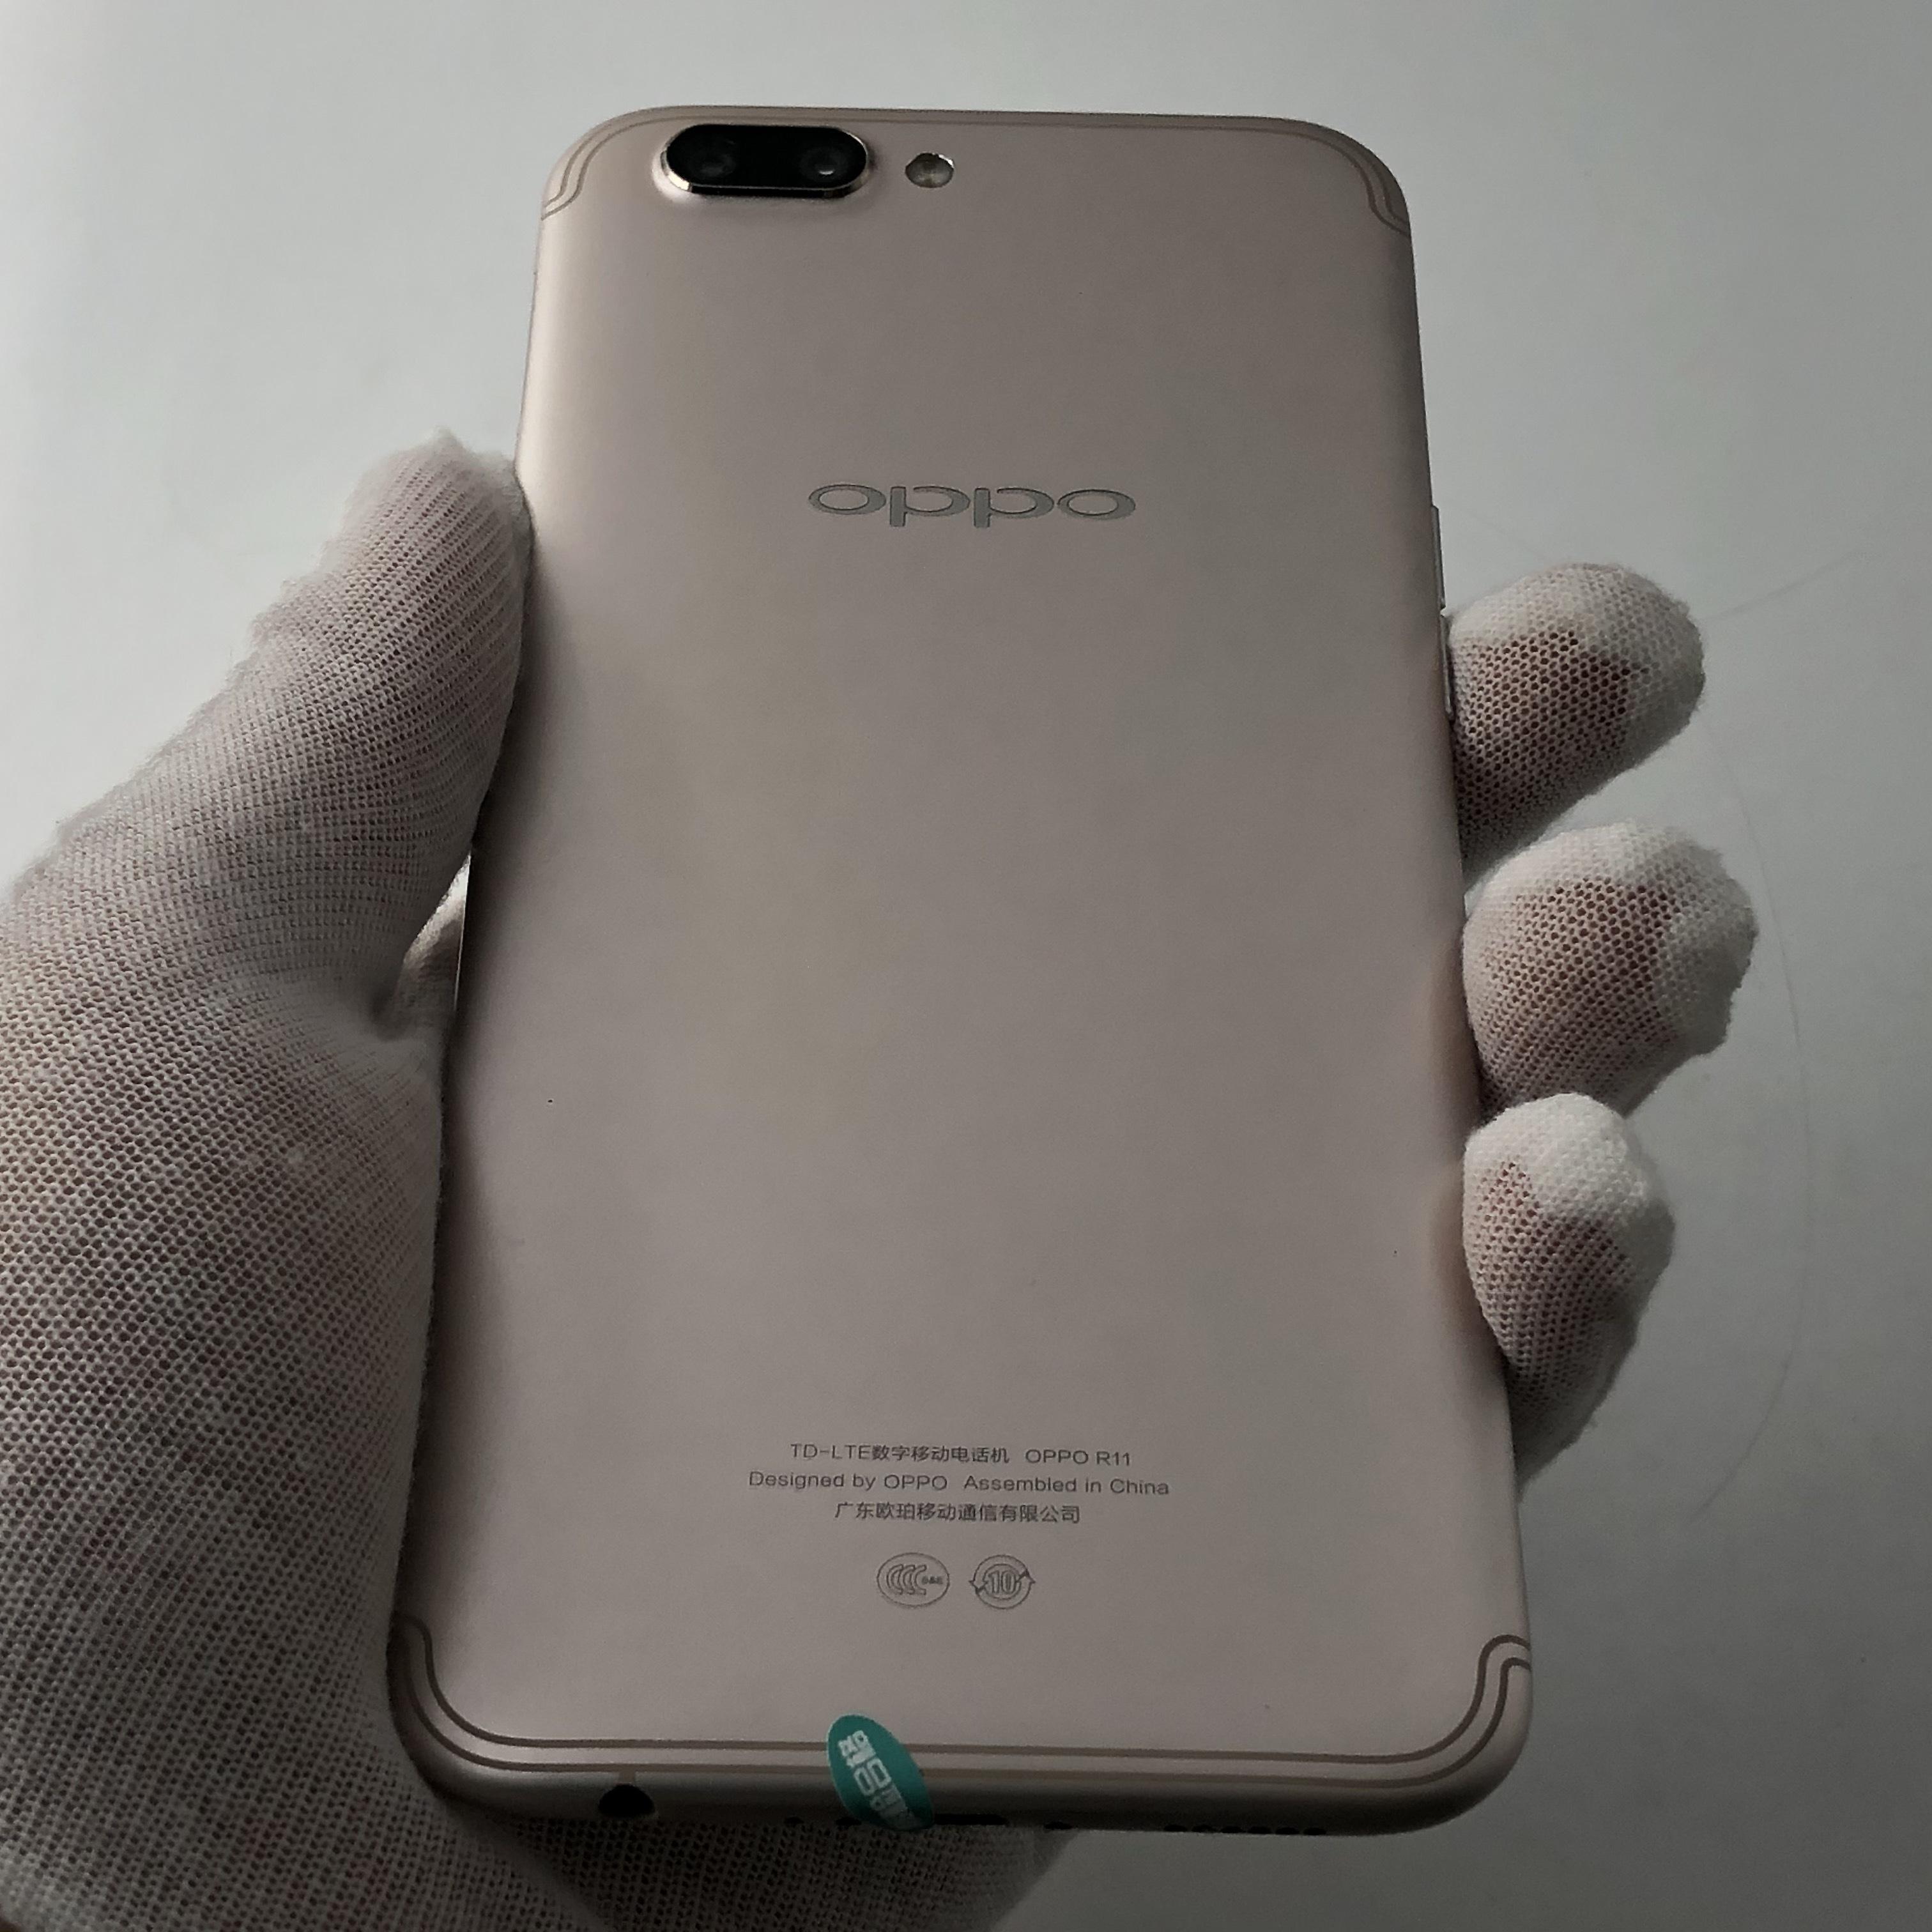 oppo【R11】4G全网通 金色 4G/64G 国行 95新